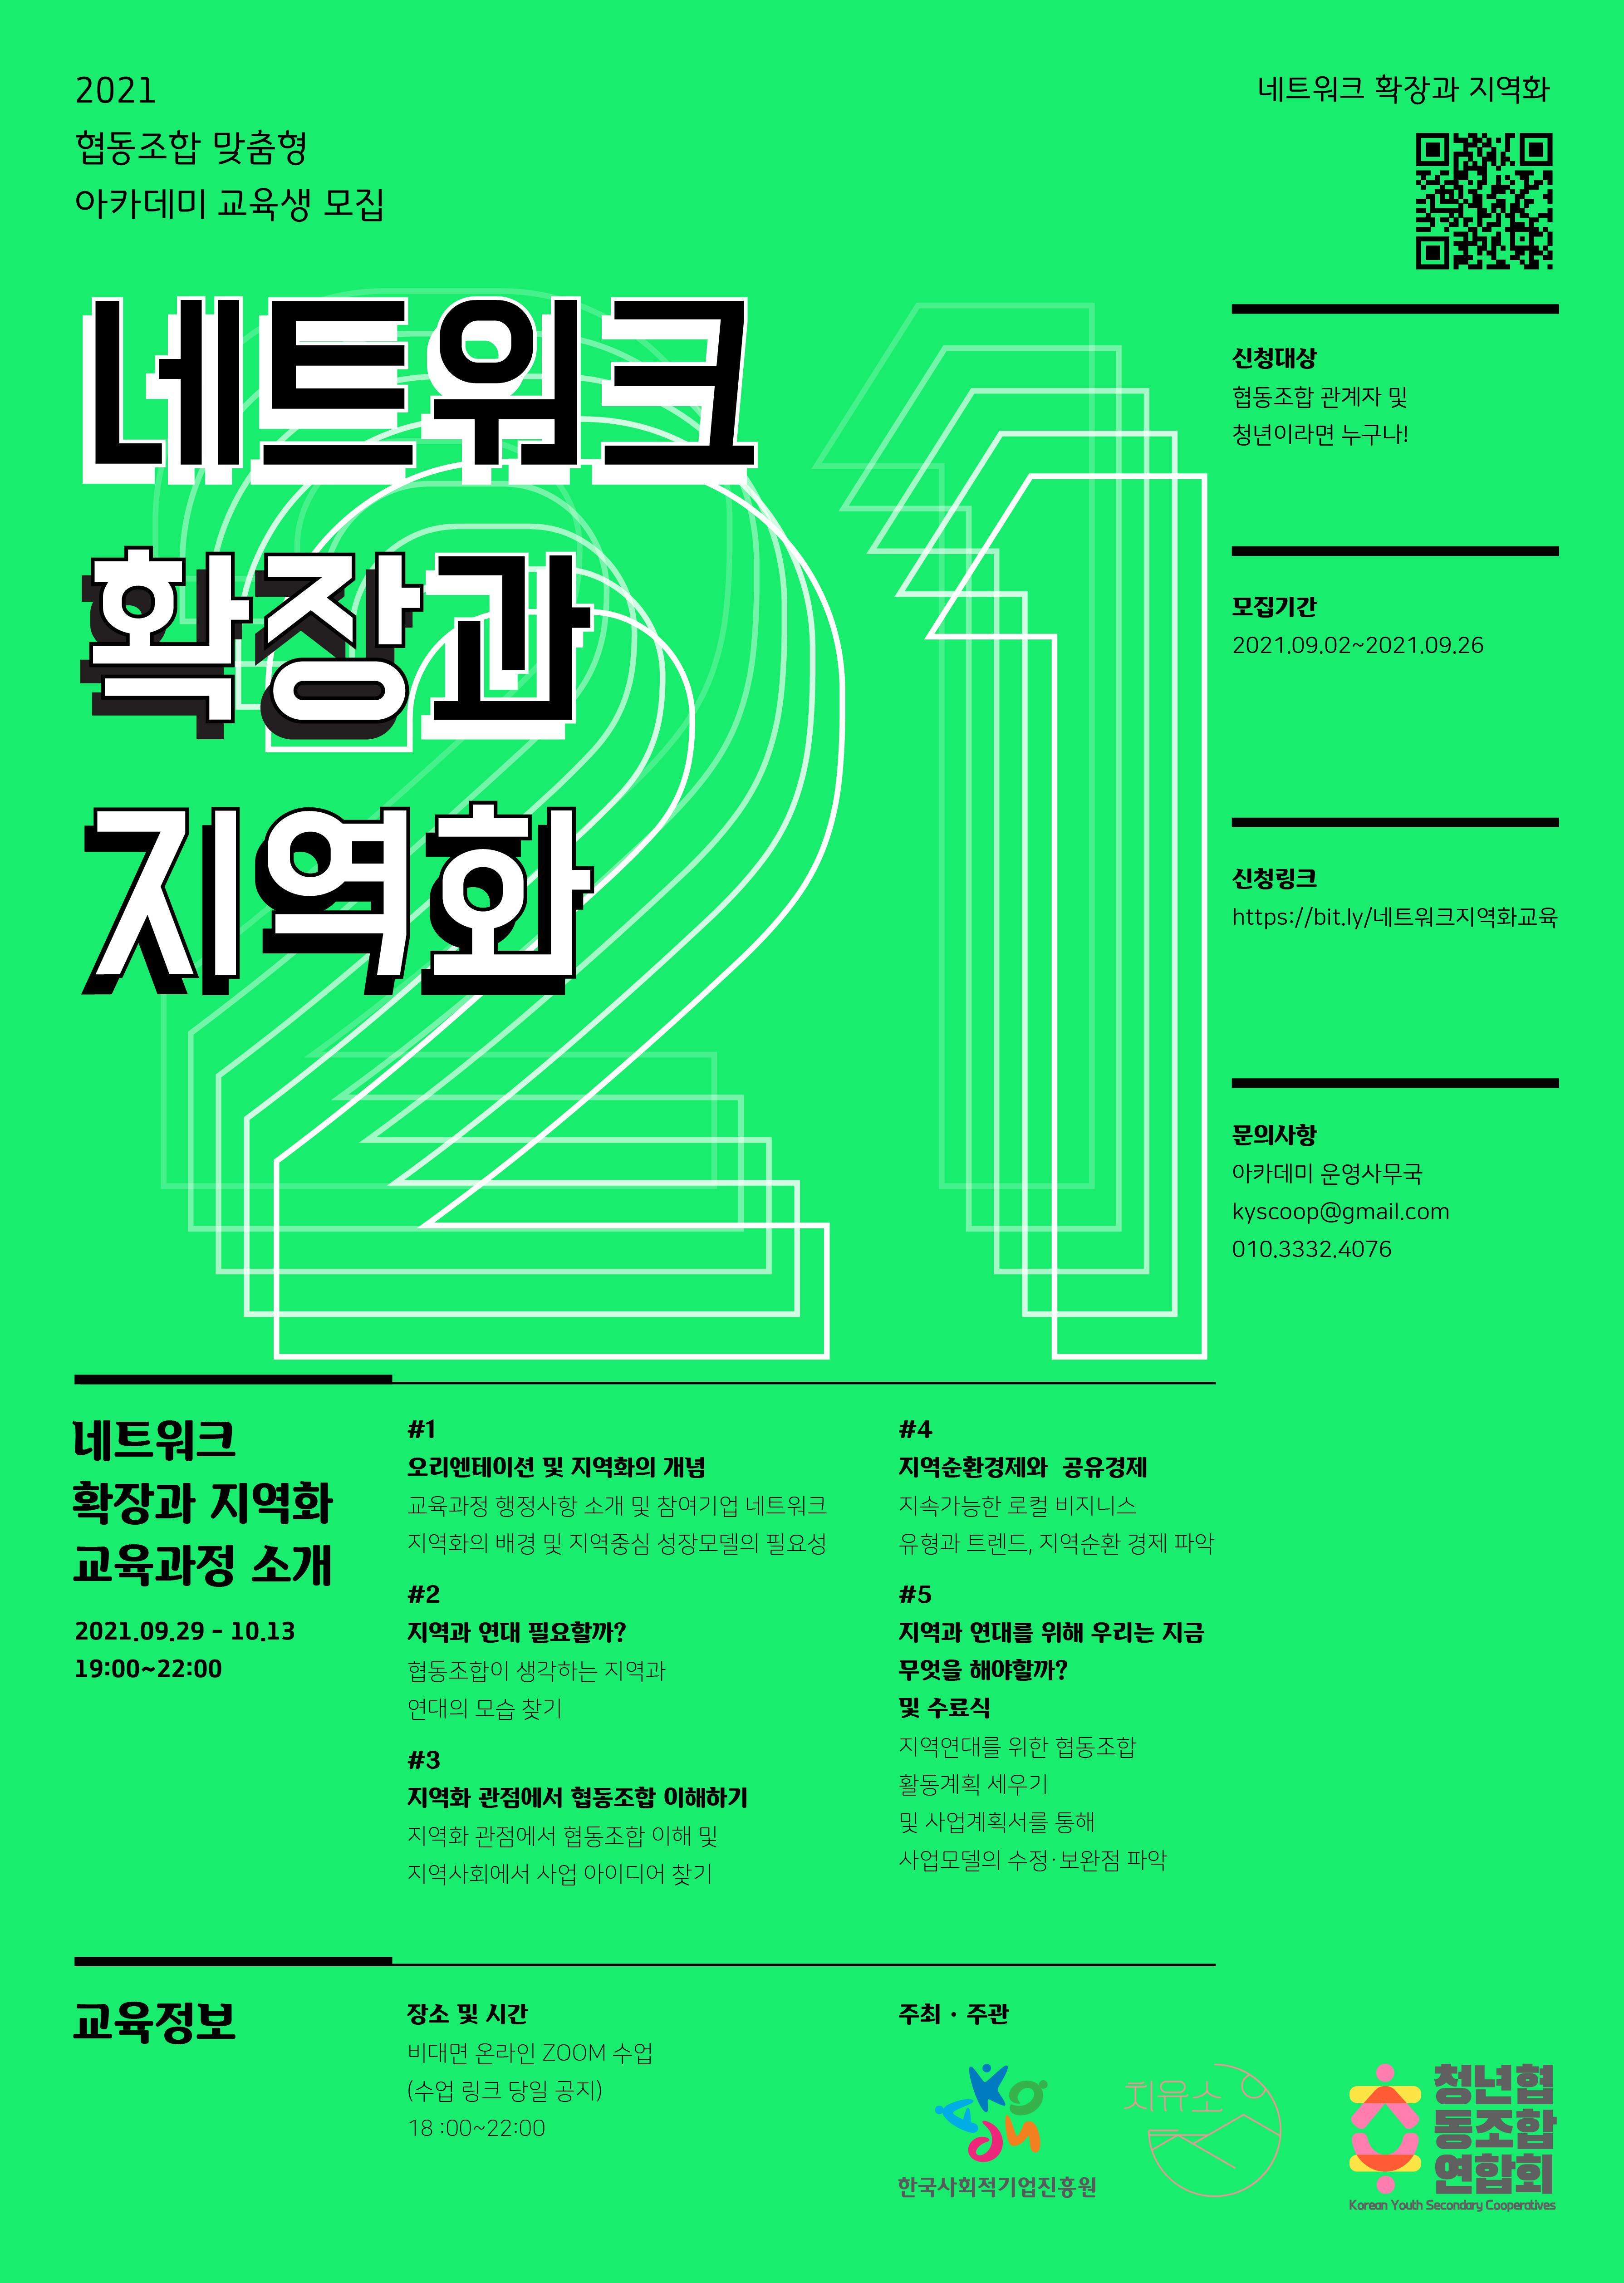 네트워크 확장과 지역화 포스터.png